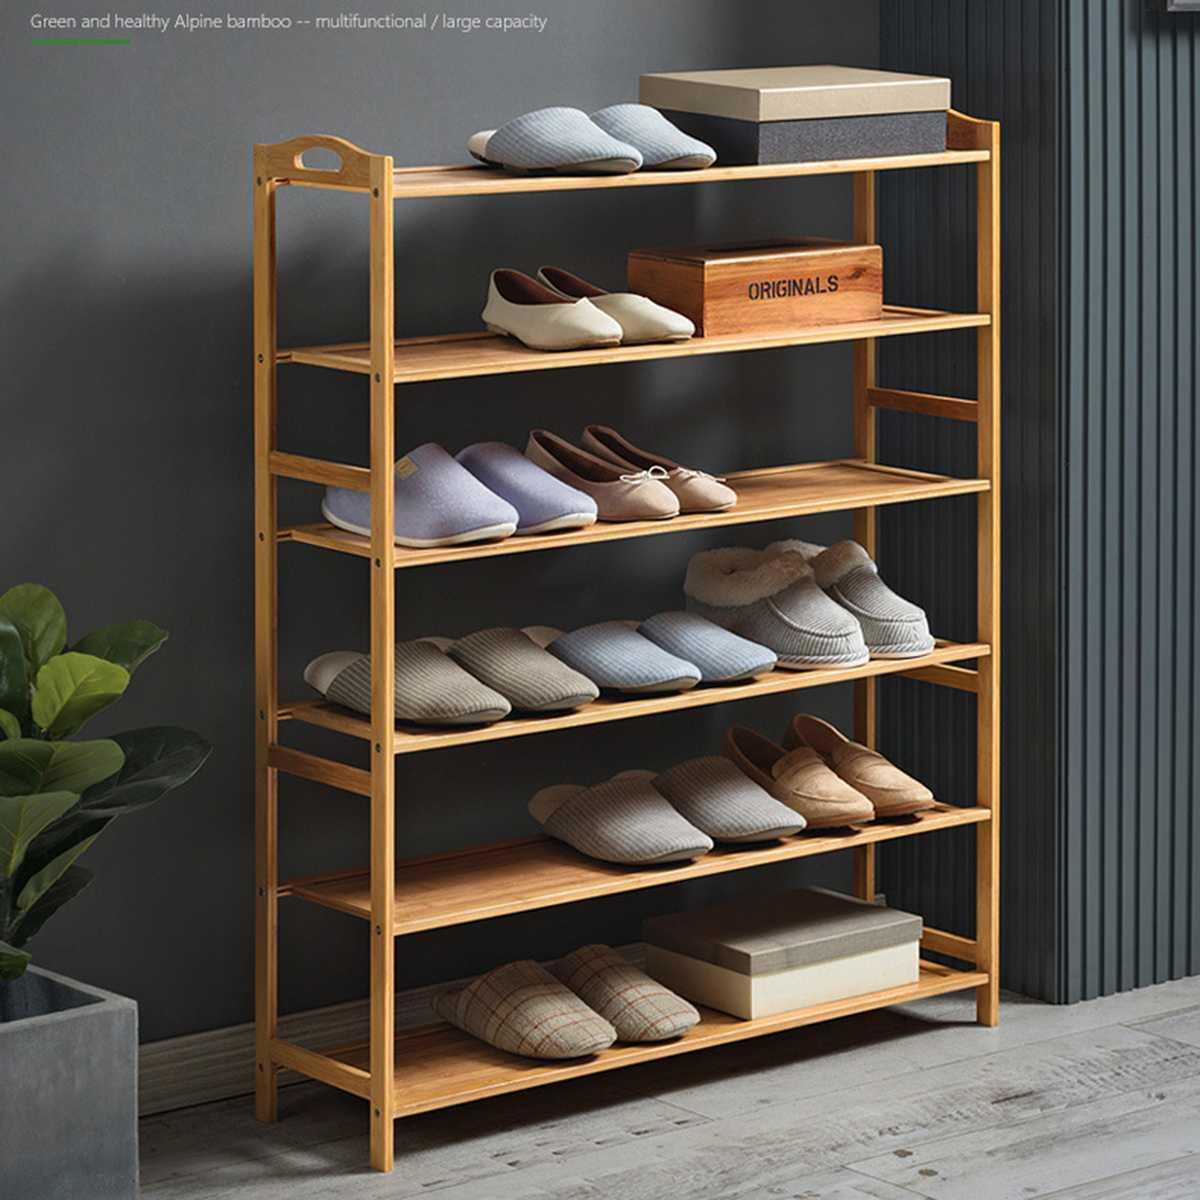 3/4/5/6 couche étagère à chaussures organisateur bambou chaussure Stand étagère de rangement maison porte multi-couche Simple étanche à la poussière armoire à chaussures